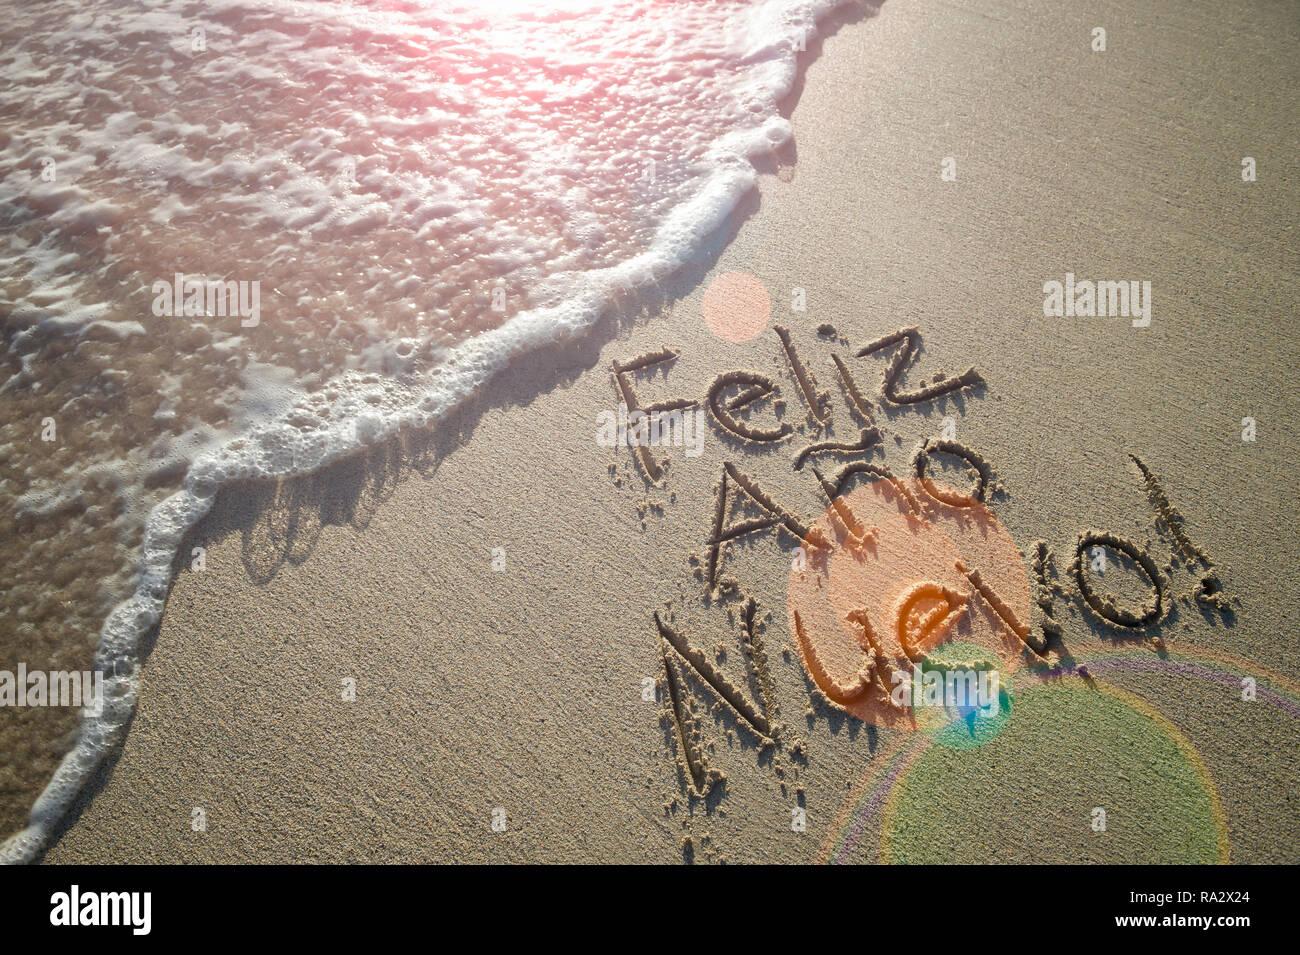 Español Feliz Año Nuevo Mensaje (Feliz Año Nuevo) manuscrito en letras con textura suave playa de arena con los brillos de la lente por encima de la onda se acercan Imagen De Stock